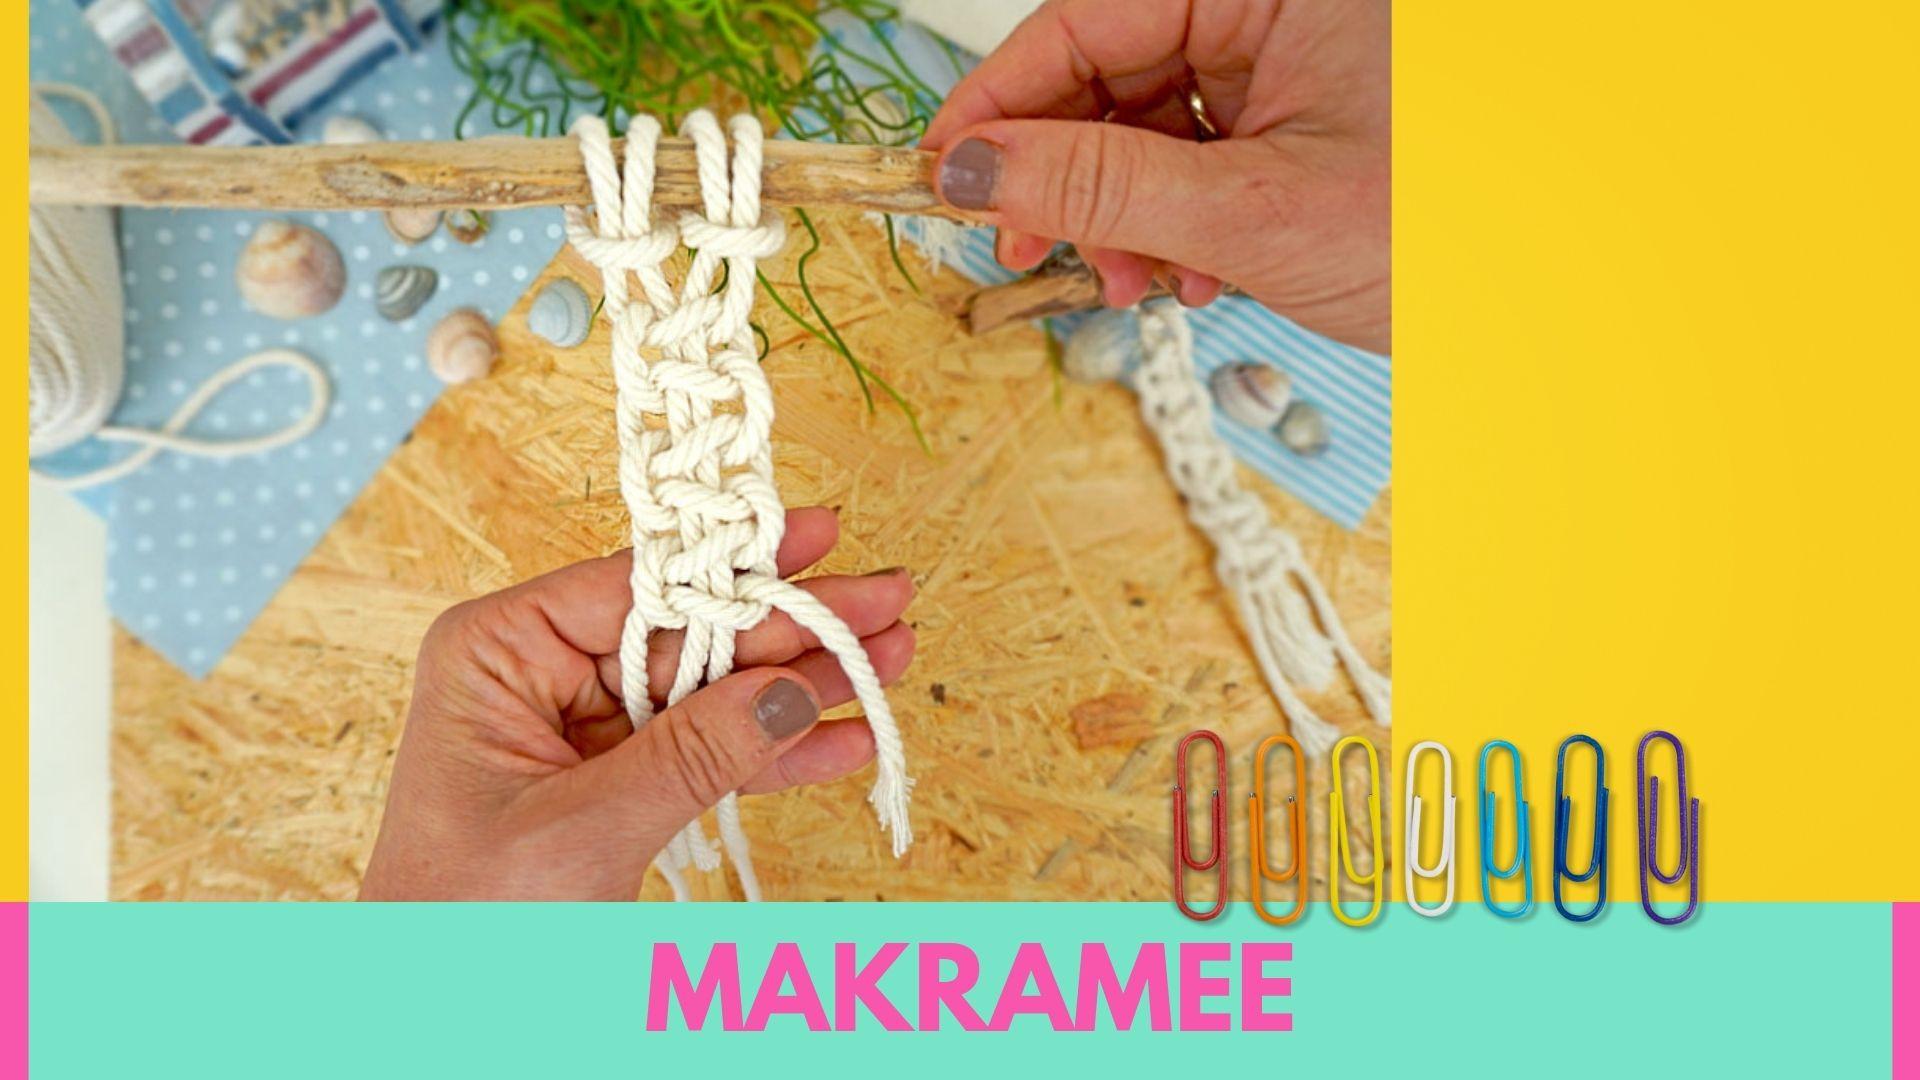 Makramee knoten für Anfänger - Makramee knüpfen mit Kindern